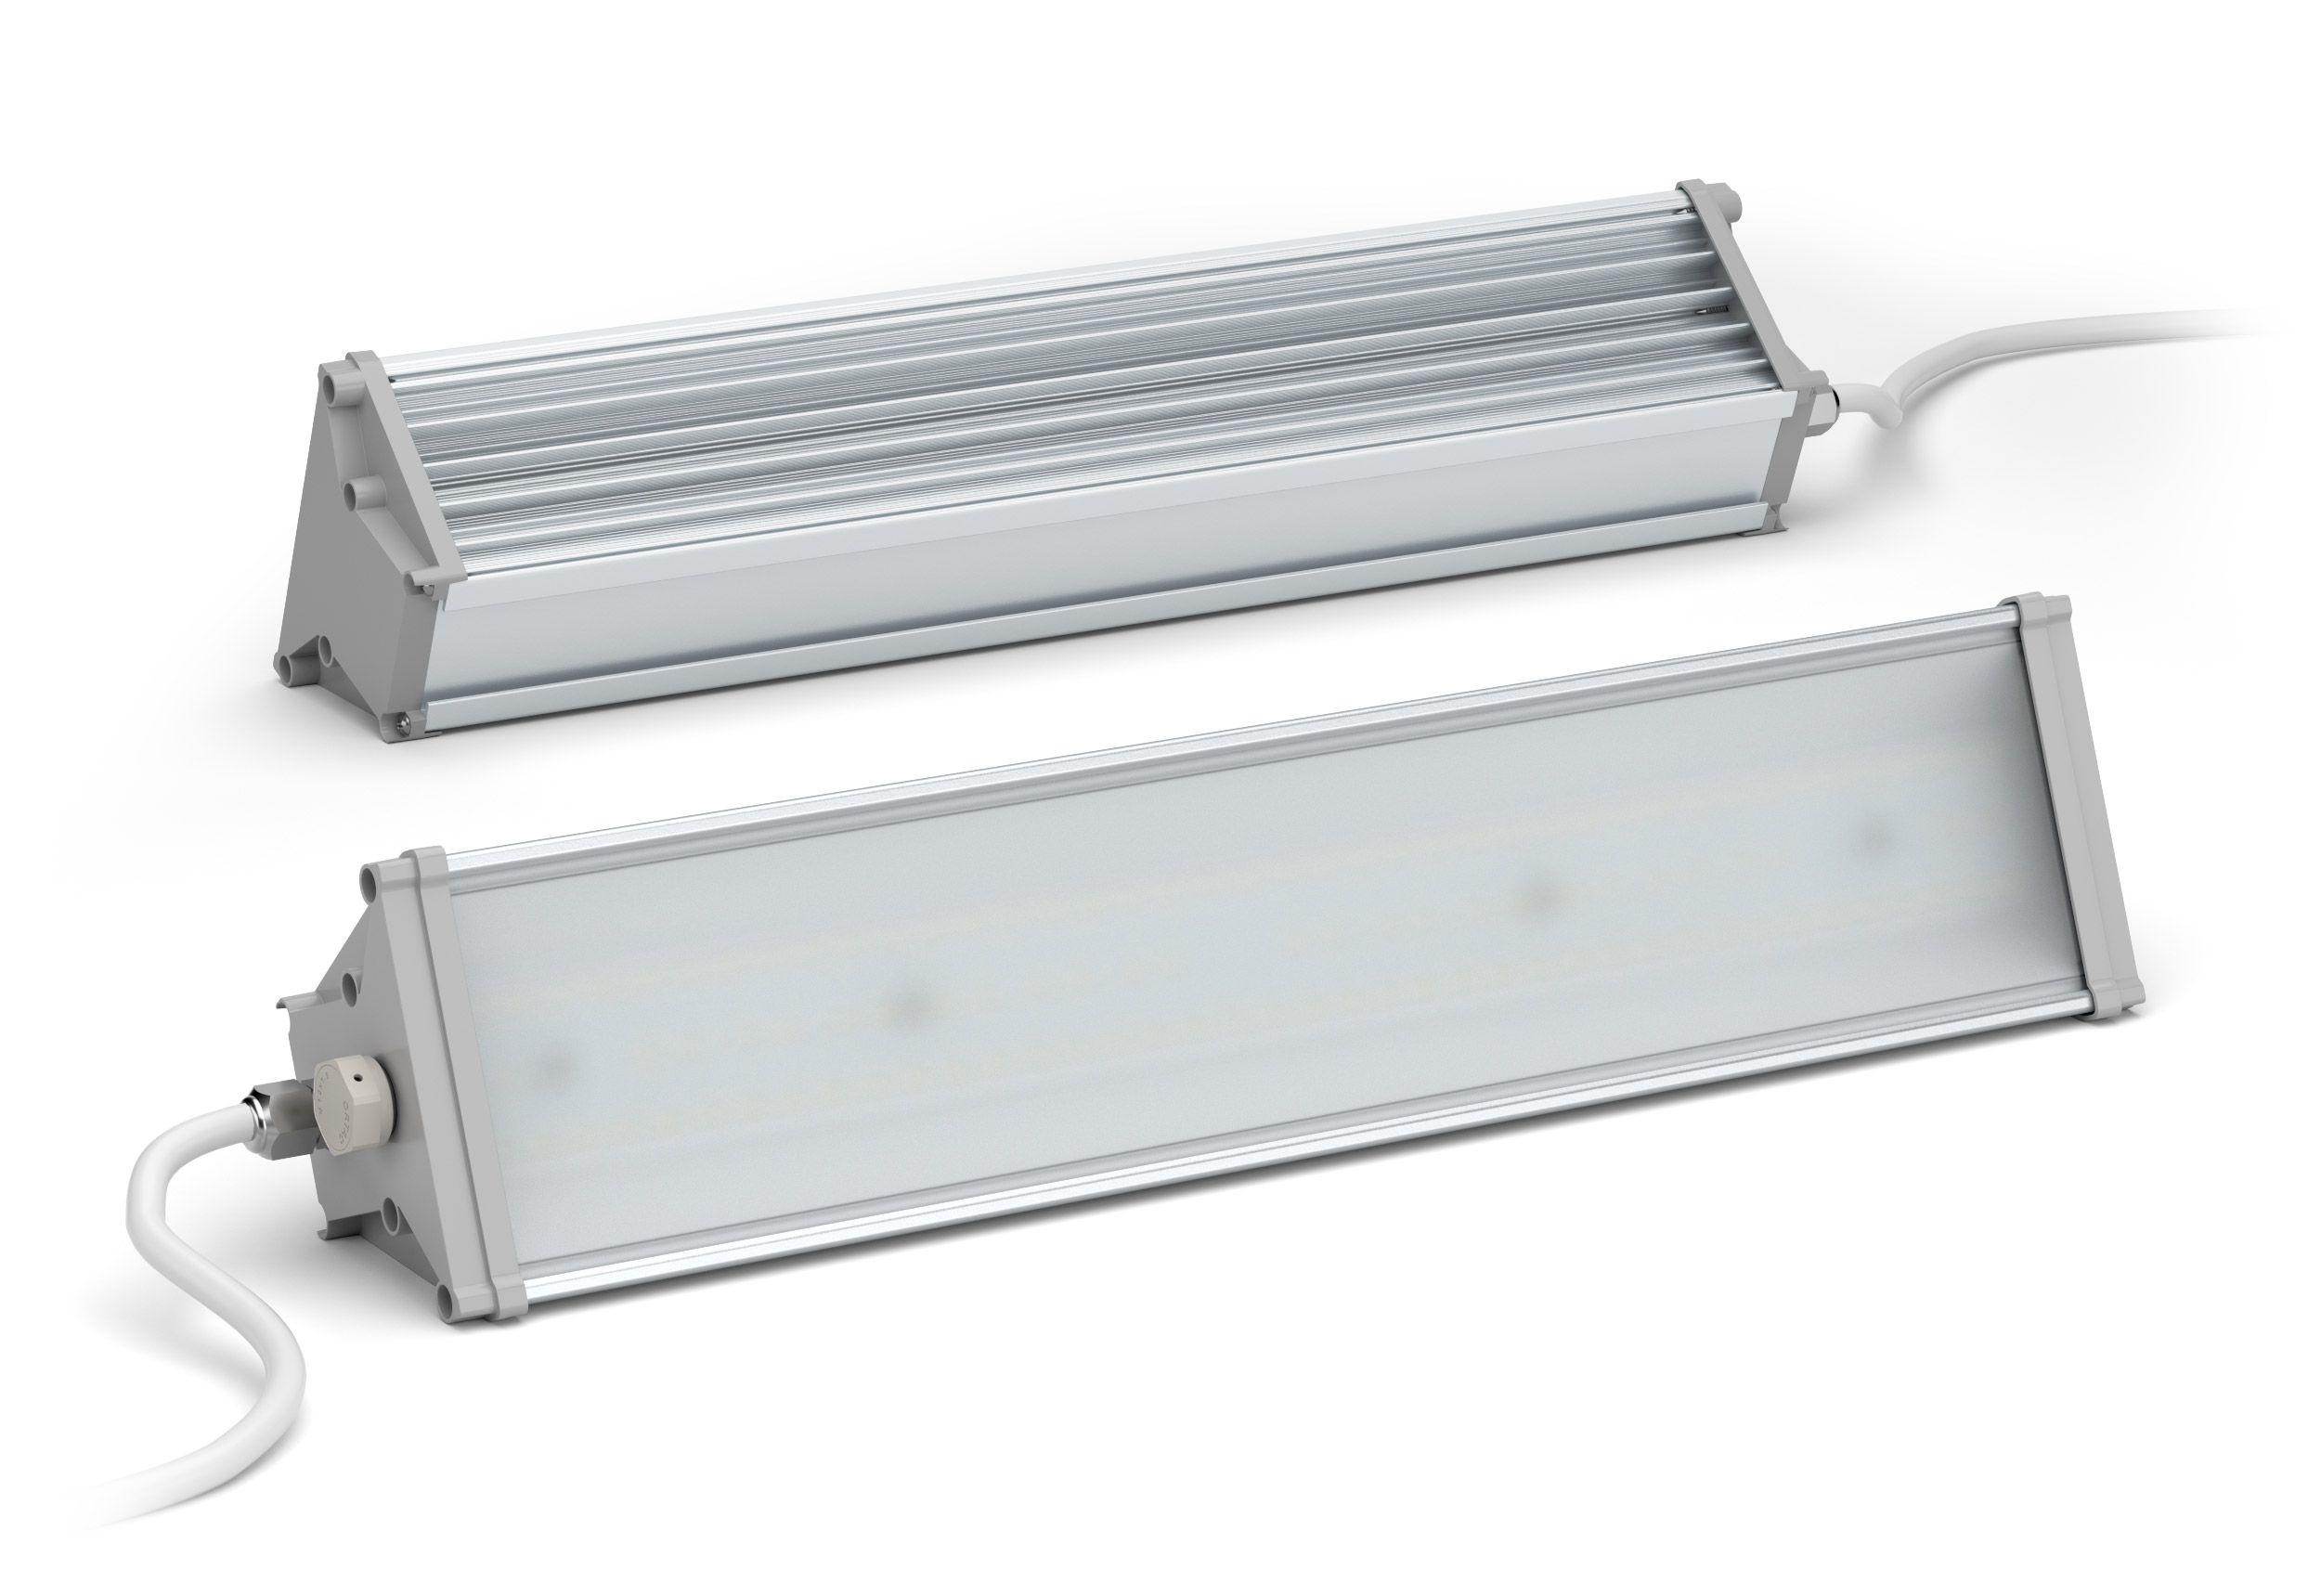 Промышленный светильник LuxON Promline 200W, 200Вт, 22000лм, 5000К, 220VAC, IP65